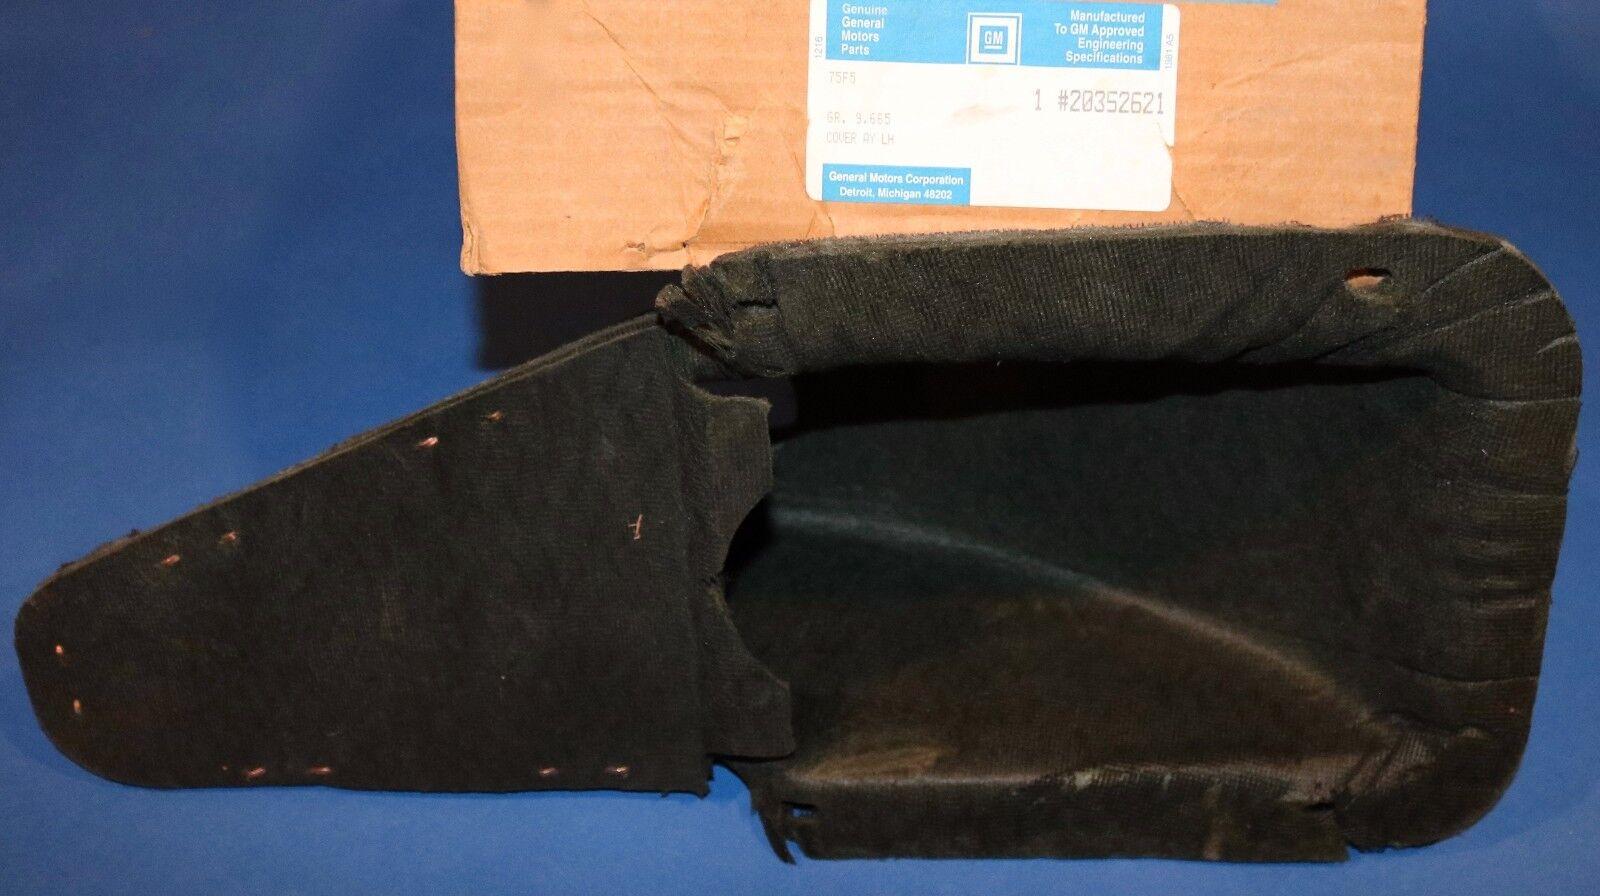 1989 1990 1991 1992 Pontiac Firebird Camero speaker grill, NOS GM # 20352621